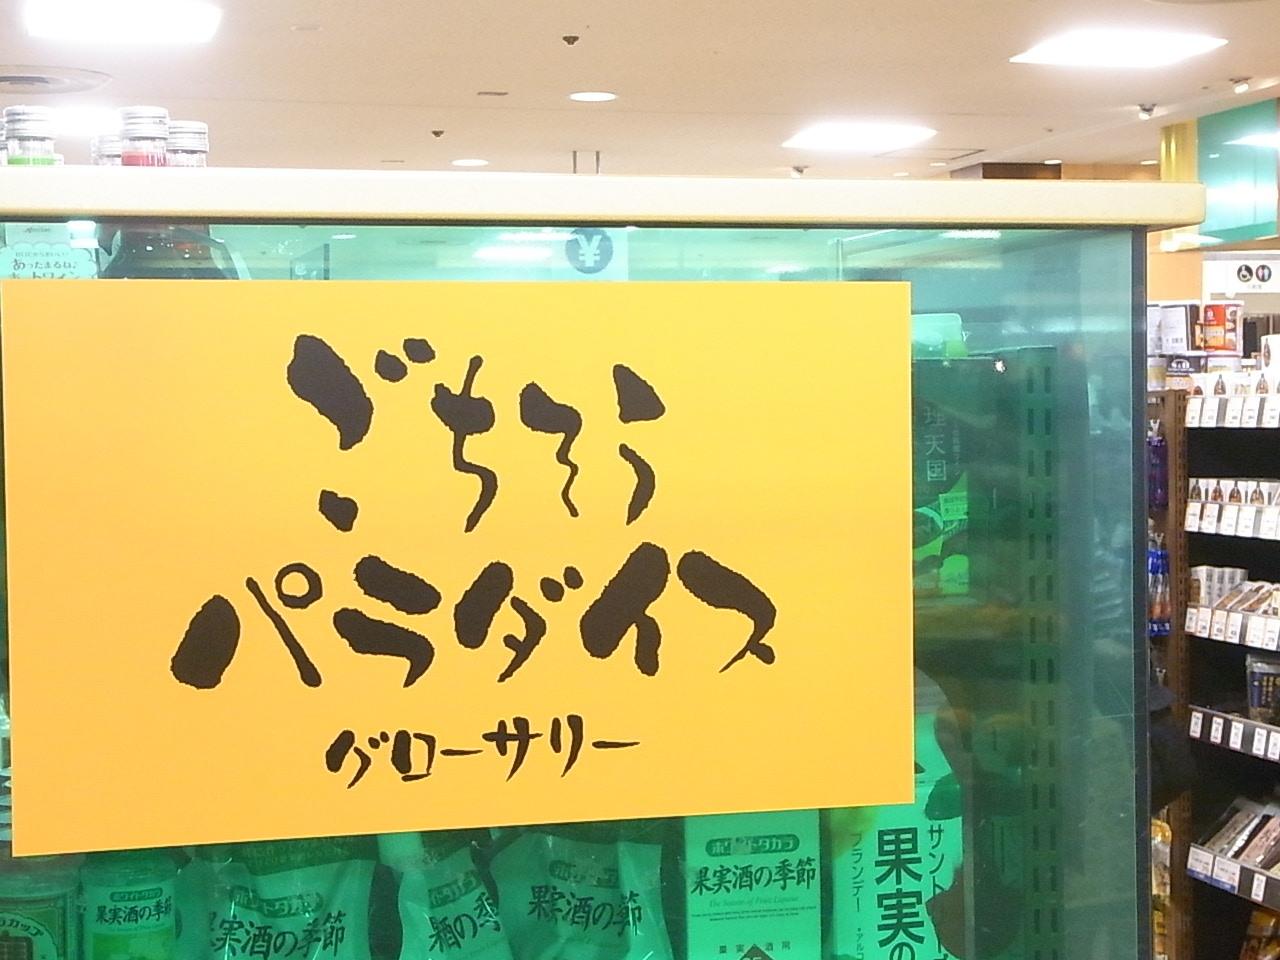 ごちそうパラダイス 松坂屋高槻店